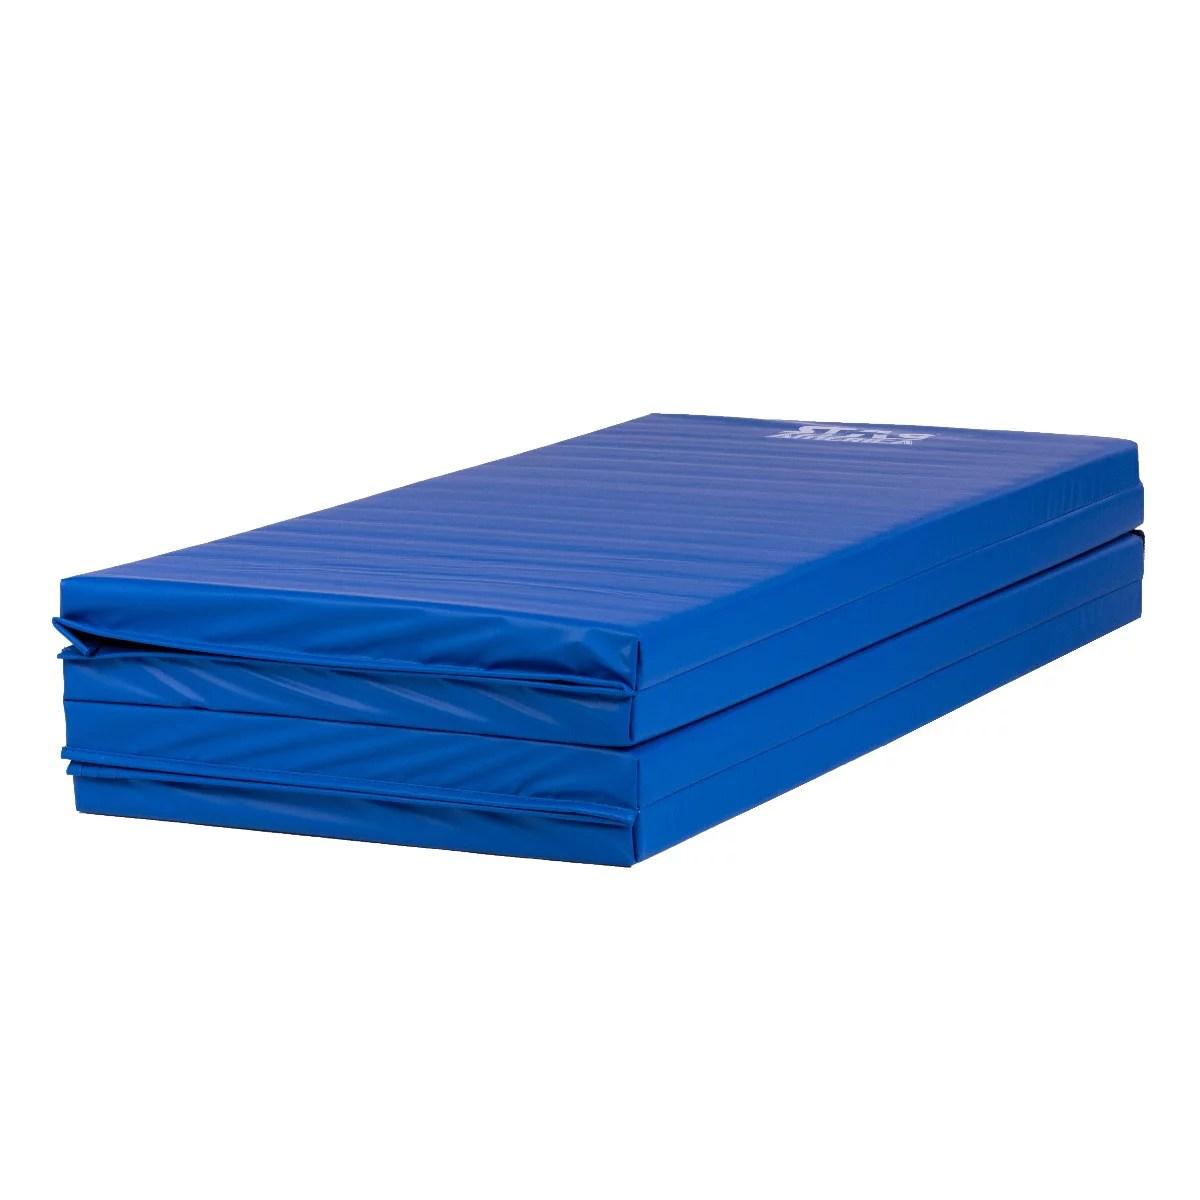 stag america tapis de sol 240cm pour gymnastique et fitness matelas de gym pliable pour la maison 8 x 4 x 2